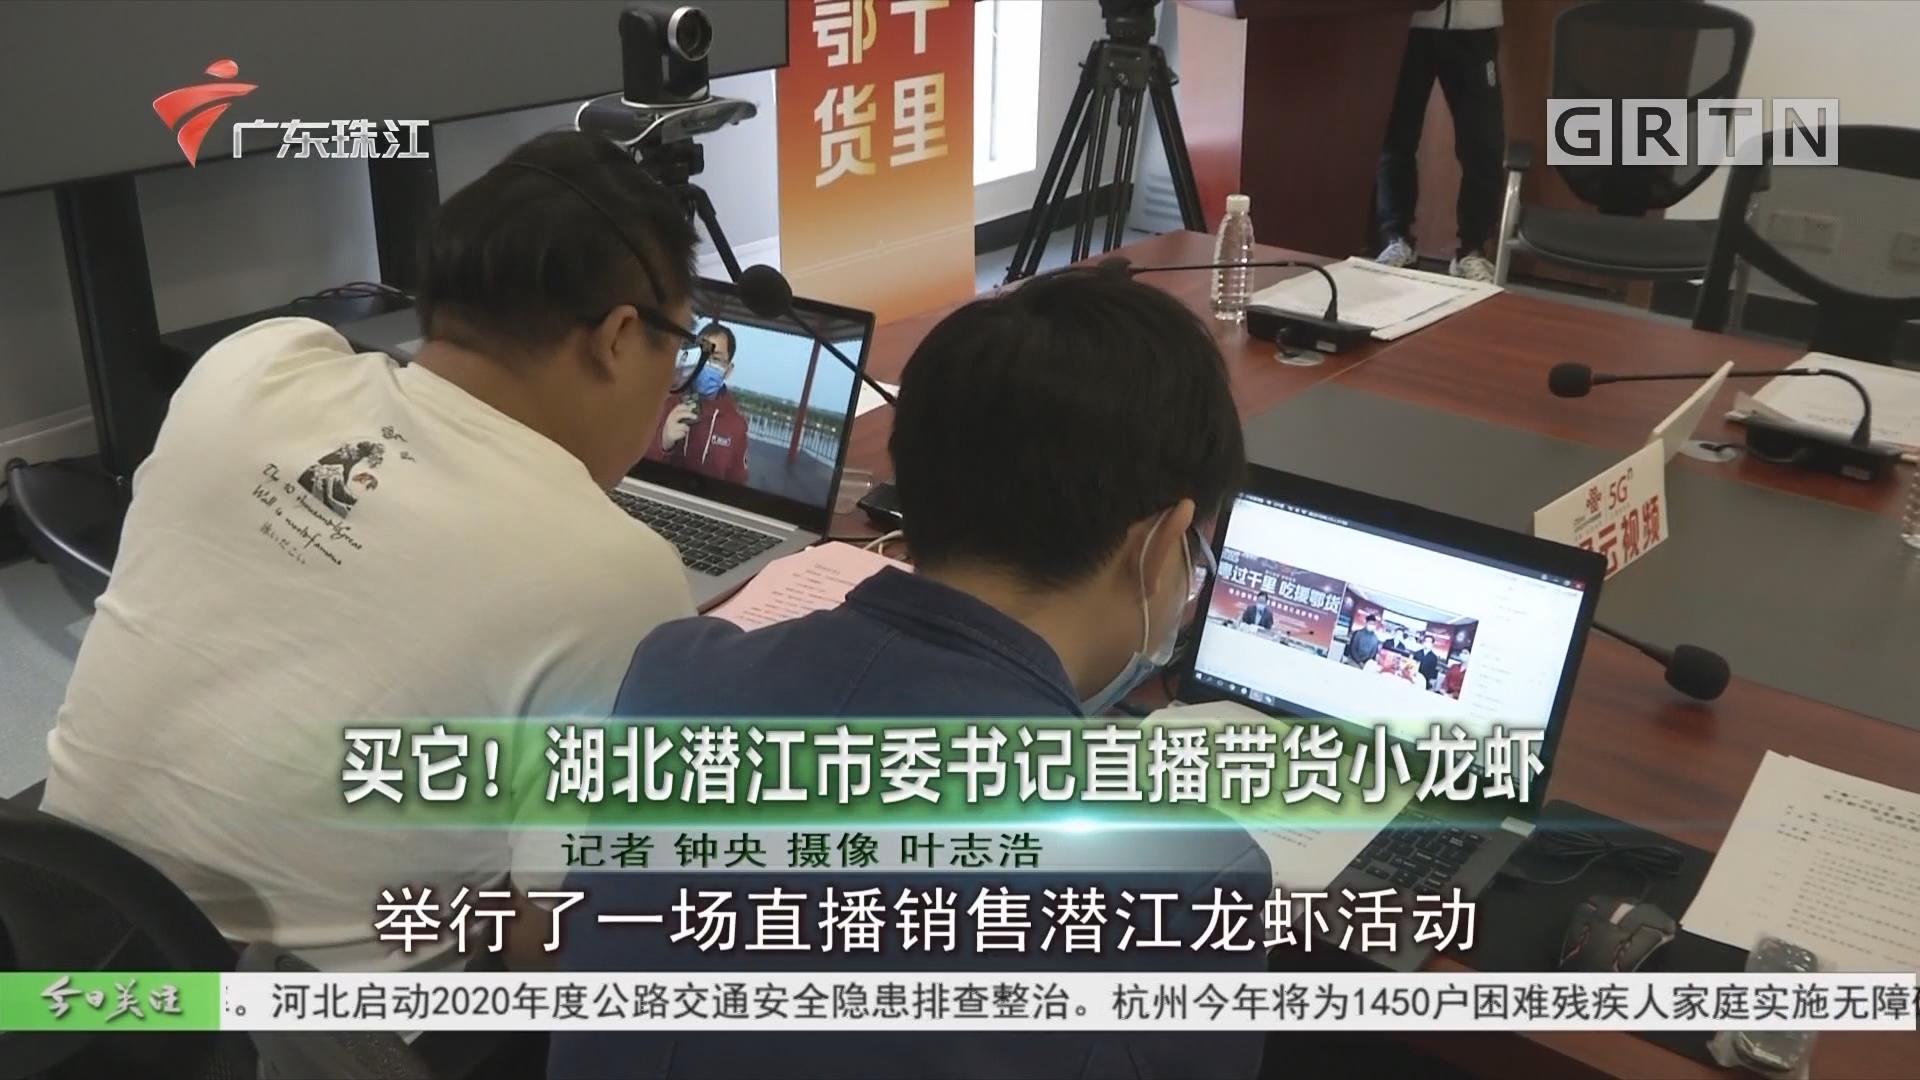 买它!湖北潜江市委书记直播带货小龙虾